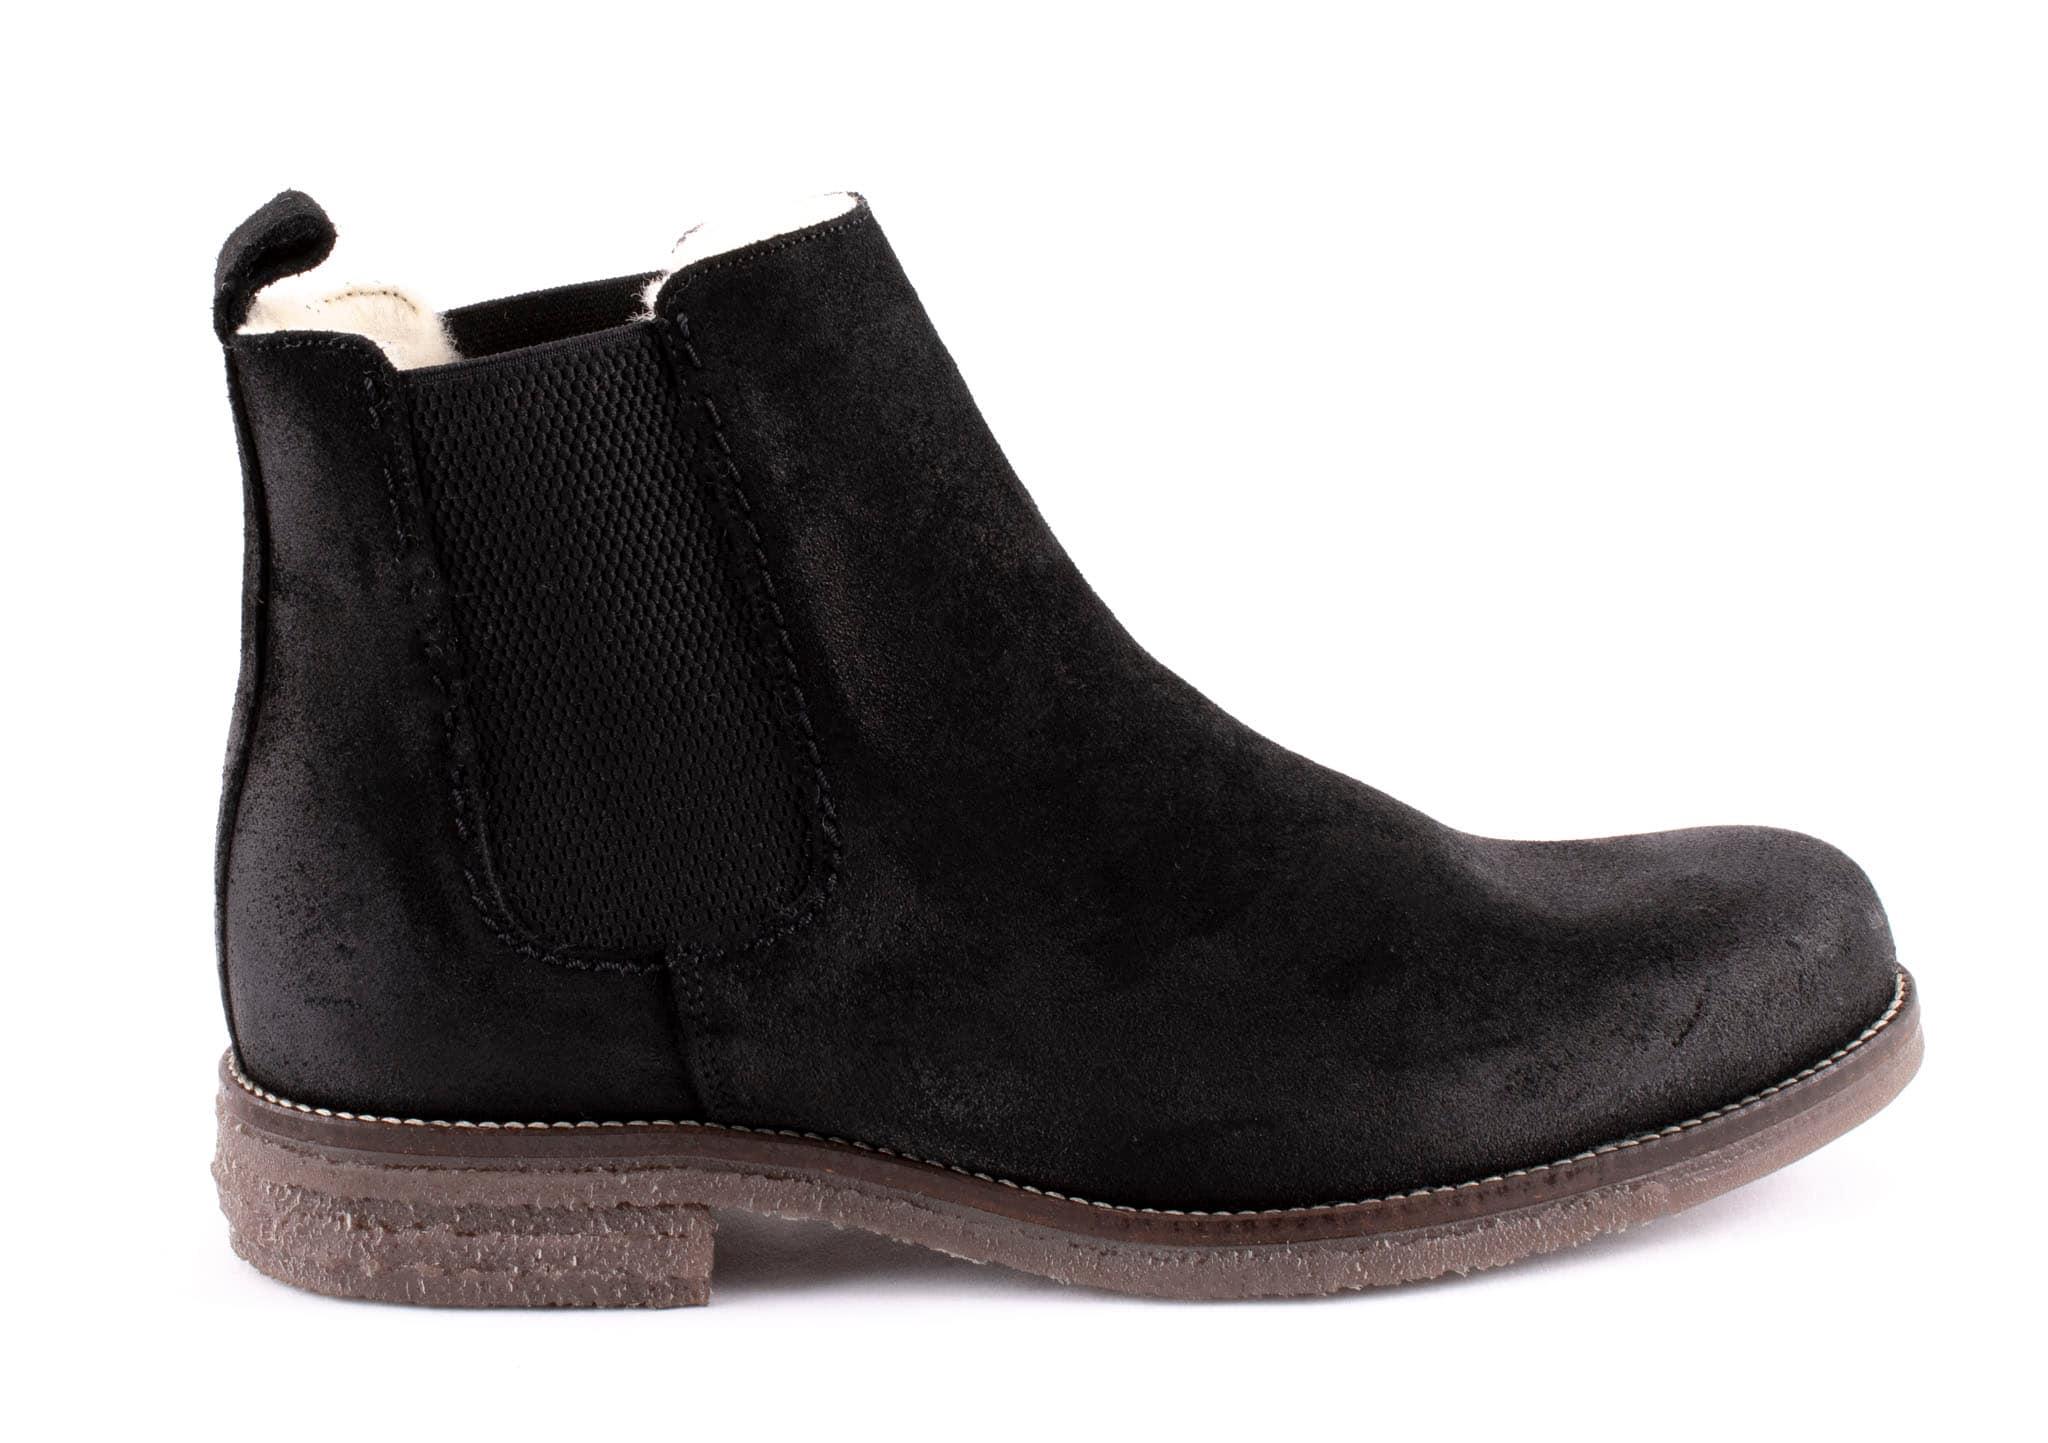 Shepherd Emanuel boots